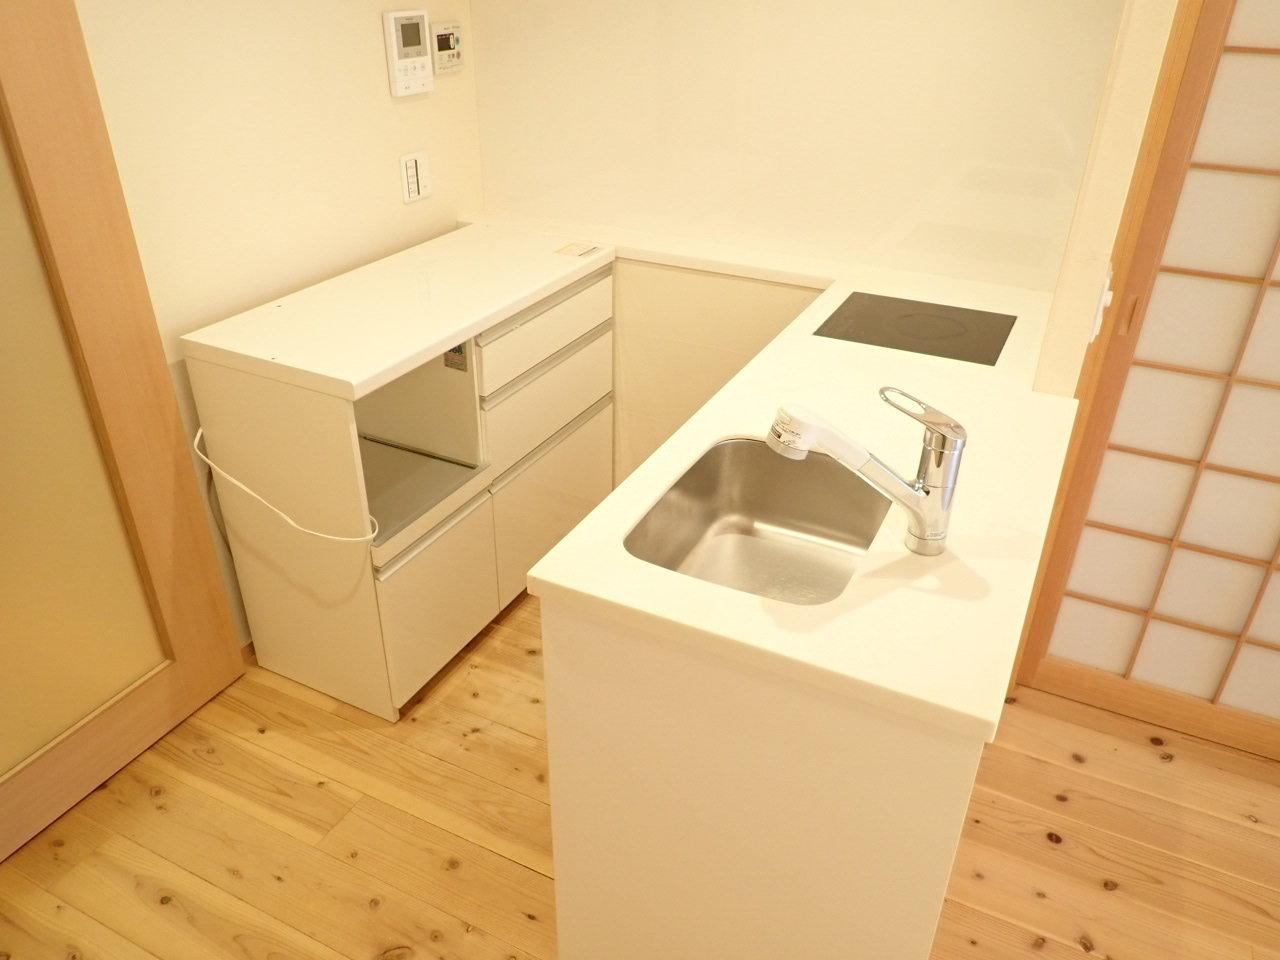 残置物のベッドとキッチン収納を含めて、設備が充実しています。